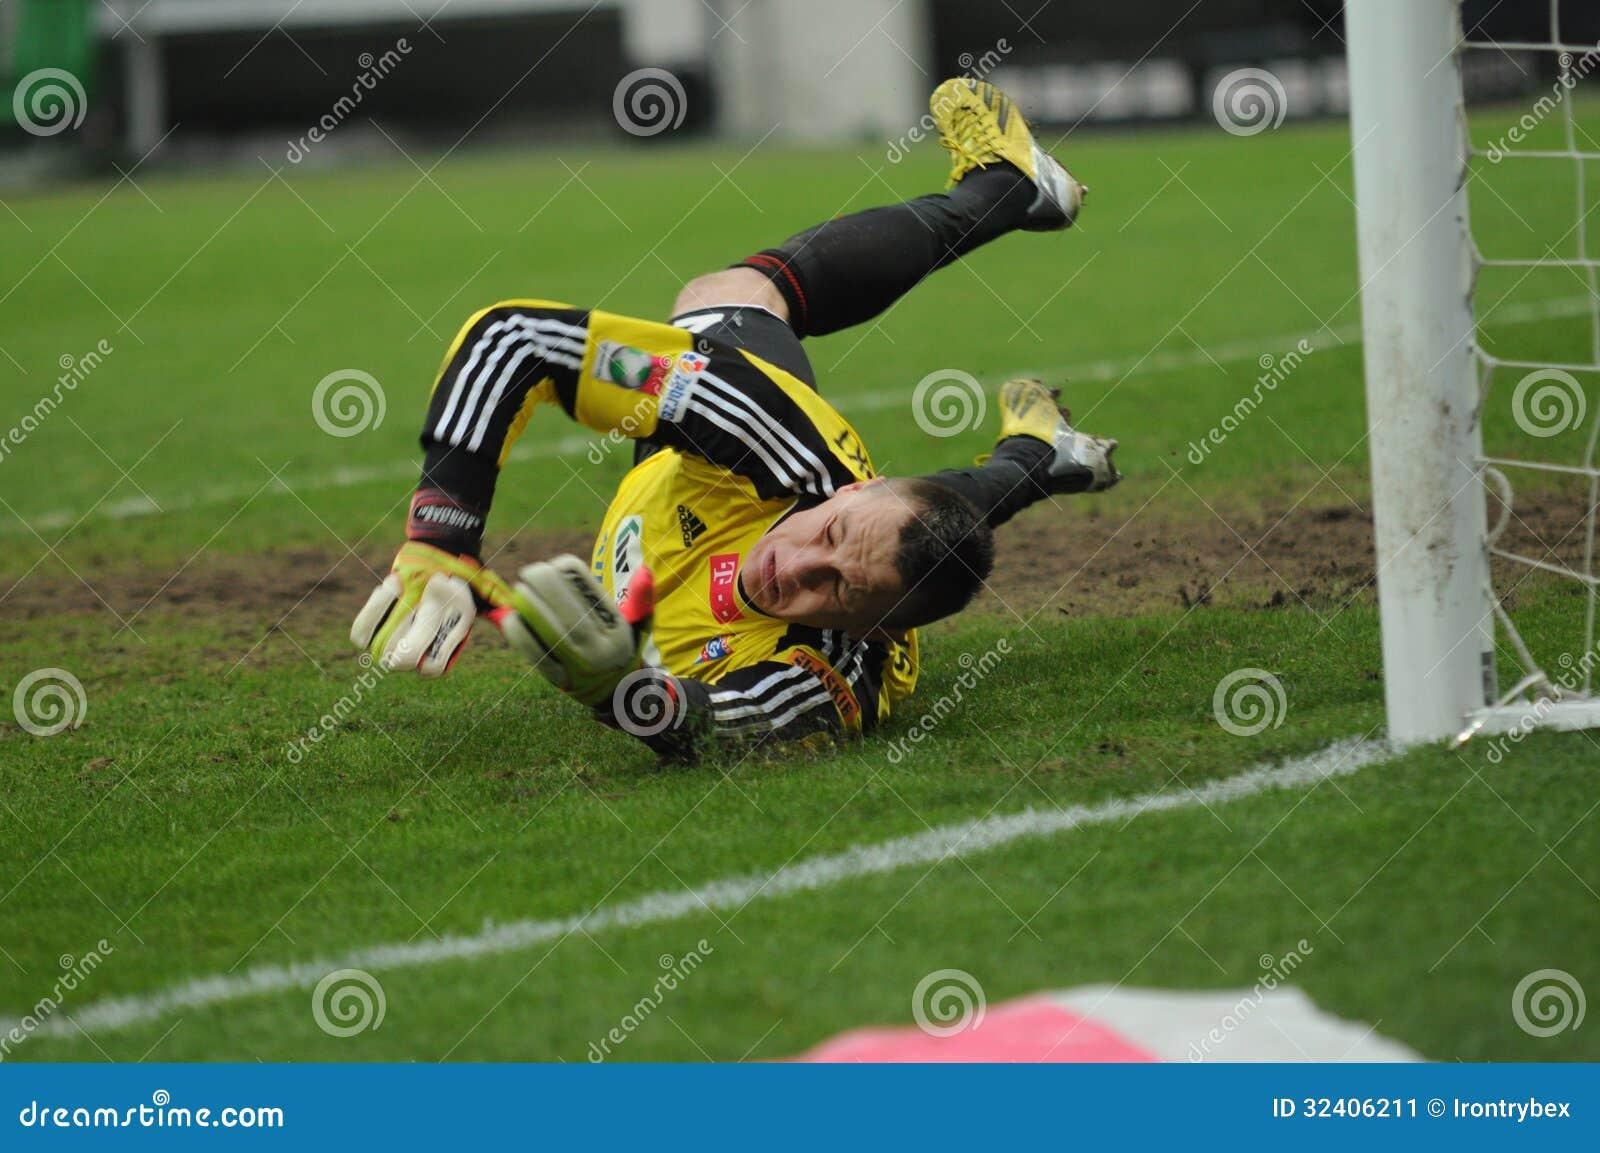 Gornik Zabrze: Skorupski, New Player Of AS Rome Editorial Photo